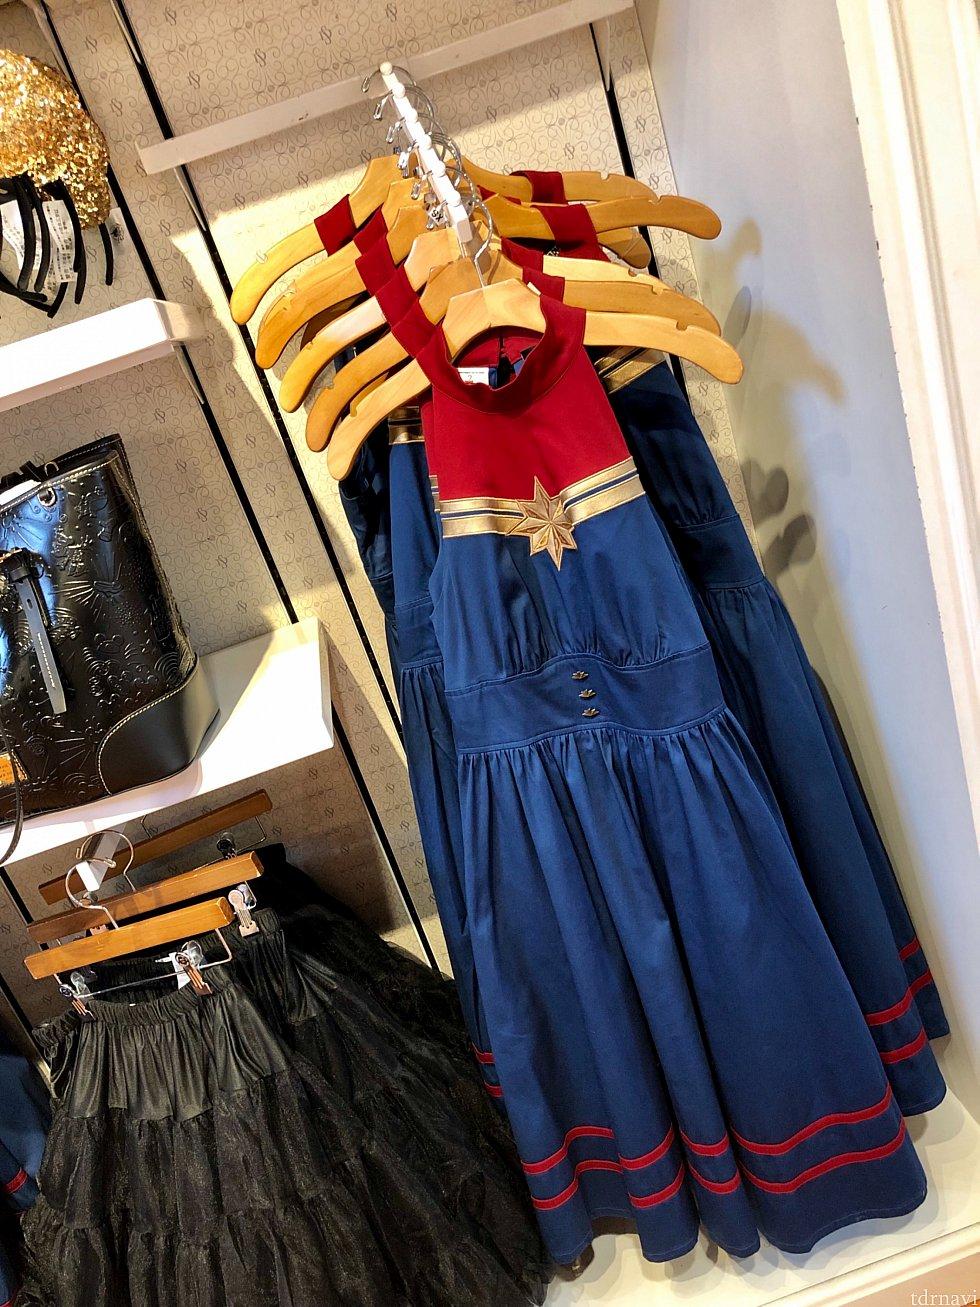 キャプテンマーベルのドレス。